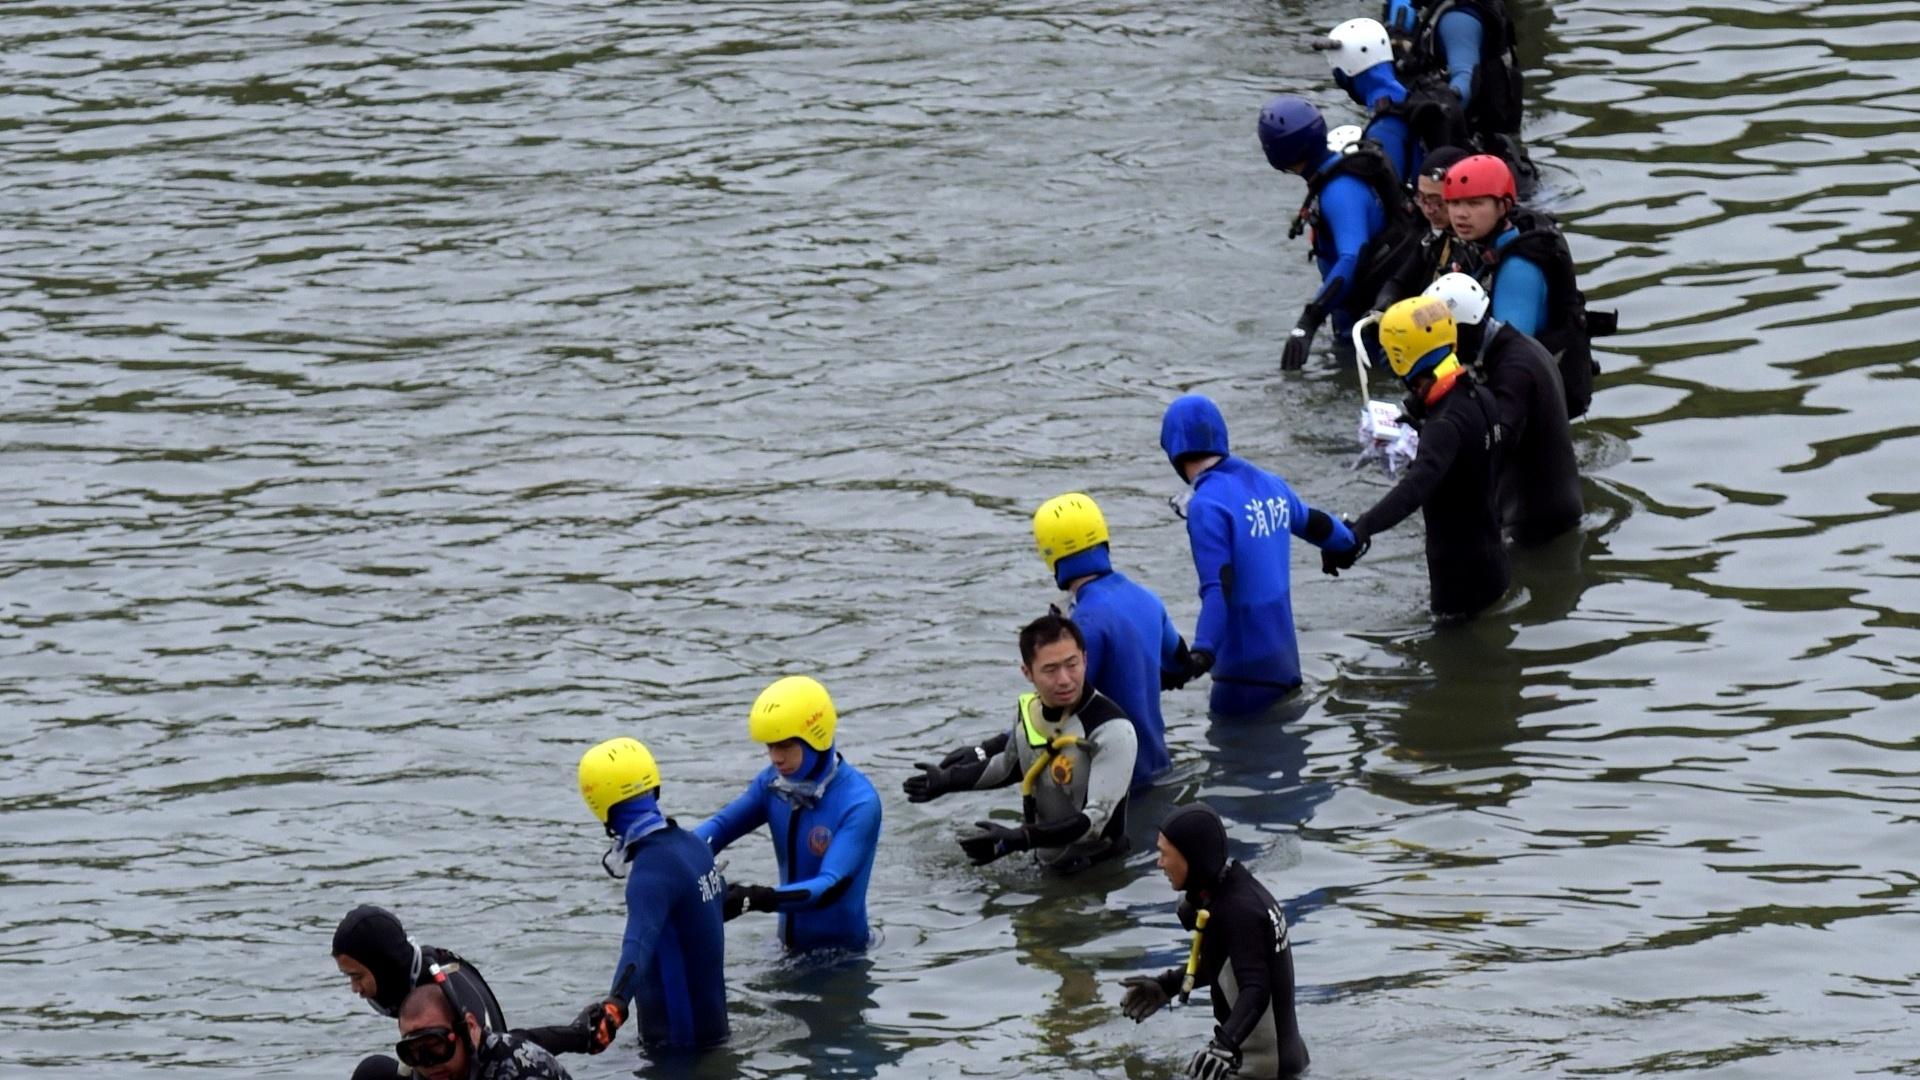 6.fev.2015 - Membros de equipes de resgate fazem nesta sexta-feira (6) corrente em busca dos passageiros ainda desaparecidos do acidente com o avião turboélice da TransAsia Airways no rio Keelung, em Taipé (Taiwan). O avião ATR 72-600 caiu pouco depois de decolar na última quarta-feira, com 58 pessoas a bordo. Ao menos 31 pessoas morreram no acidente, e 12 continuavam desaparecidas na madrugada desta sexta